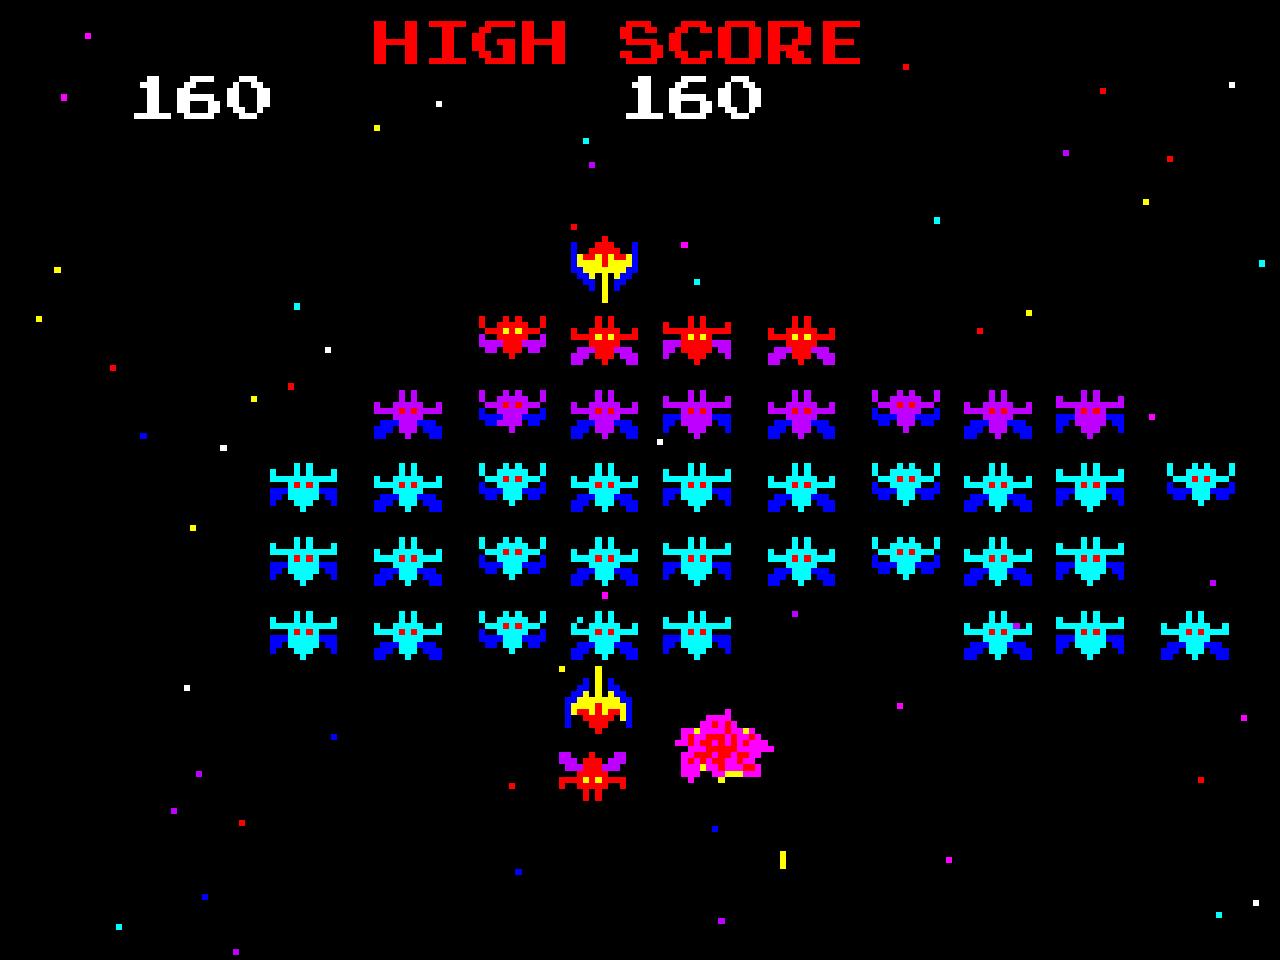 Galaxian ist ein wunderschönes Automatenspiel. (Bild: André Eymann)